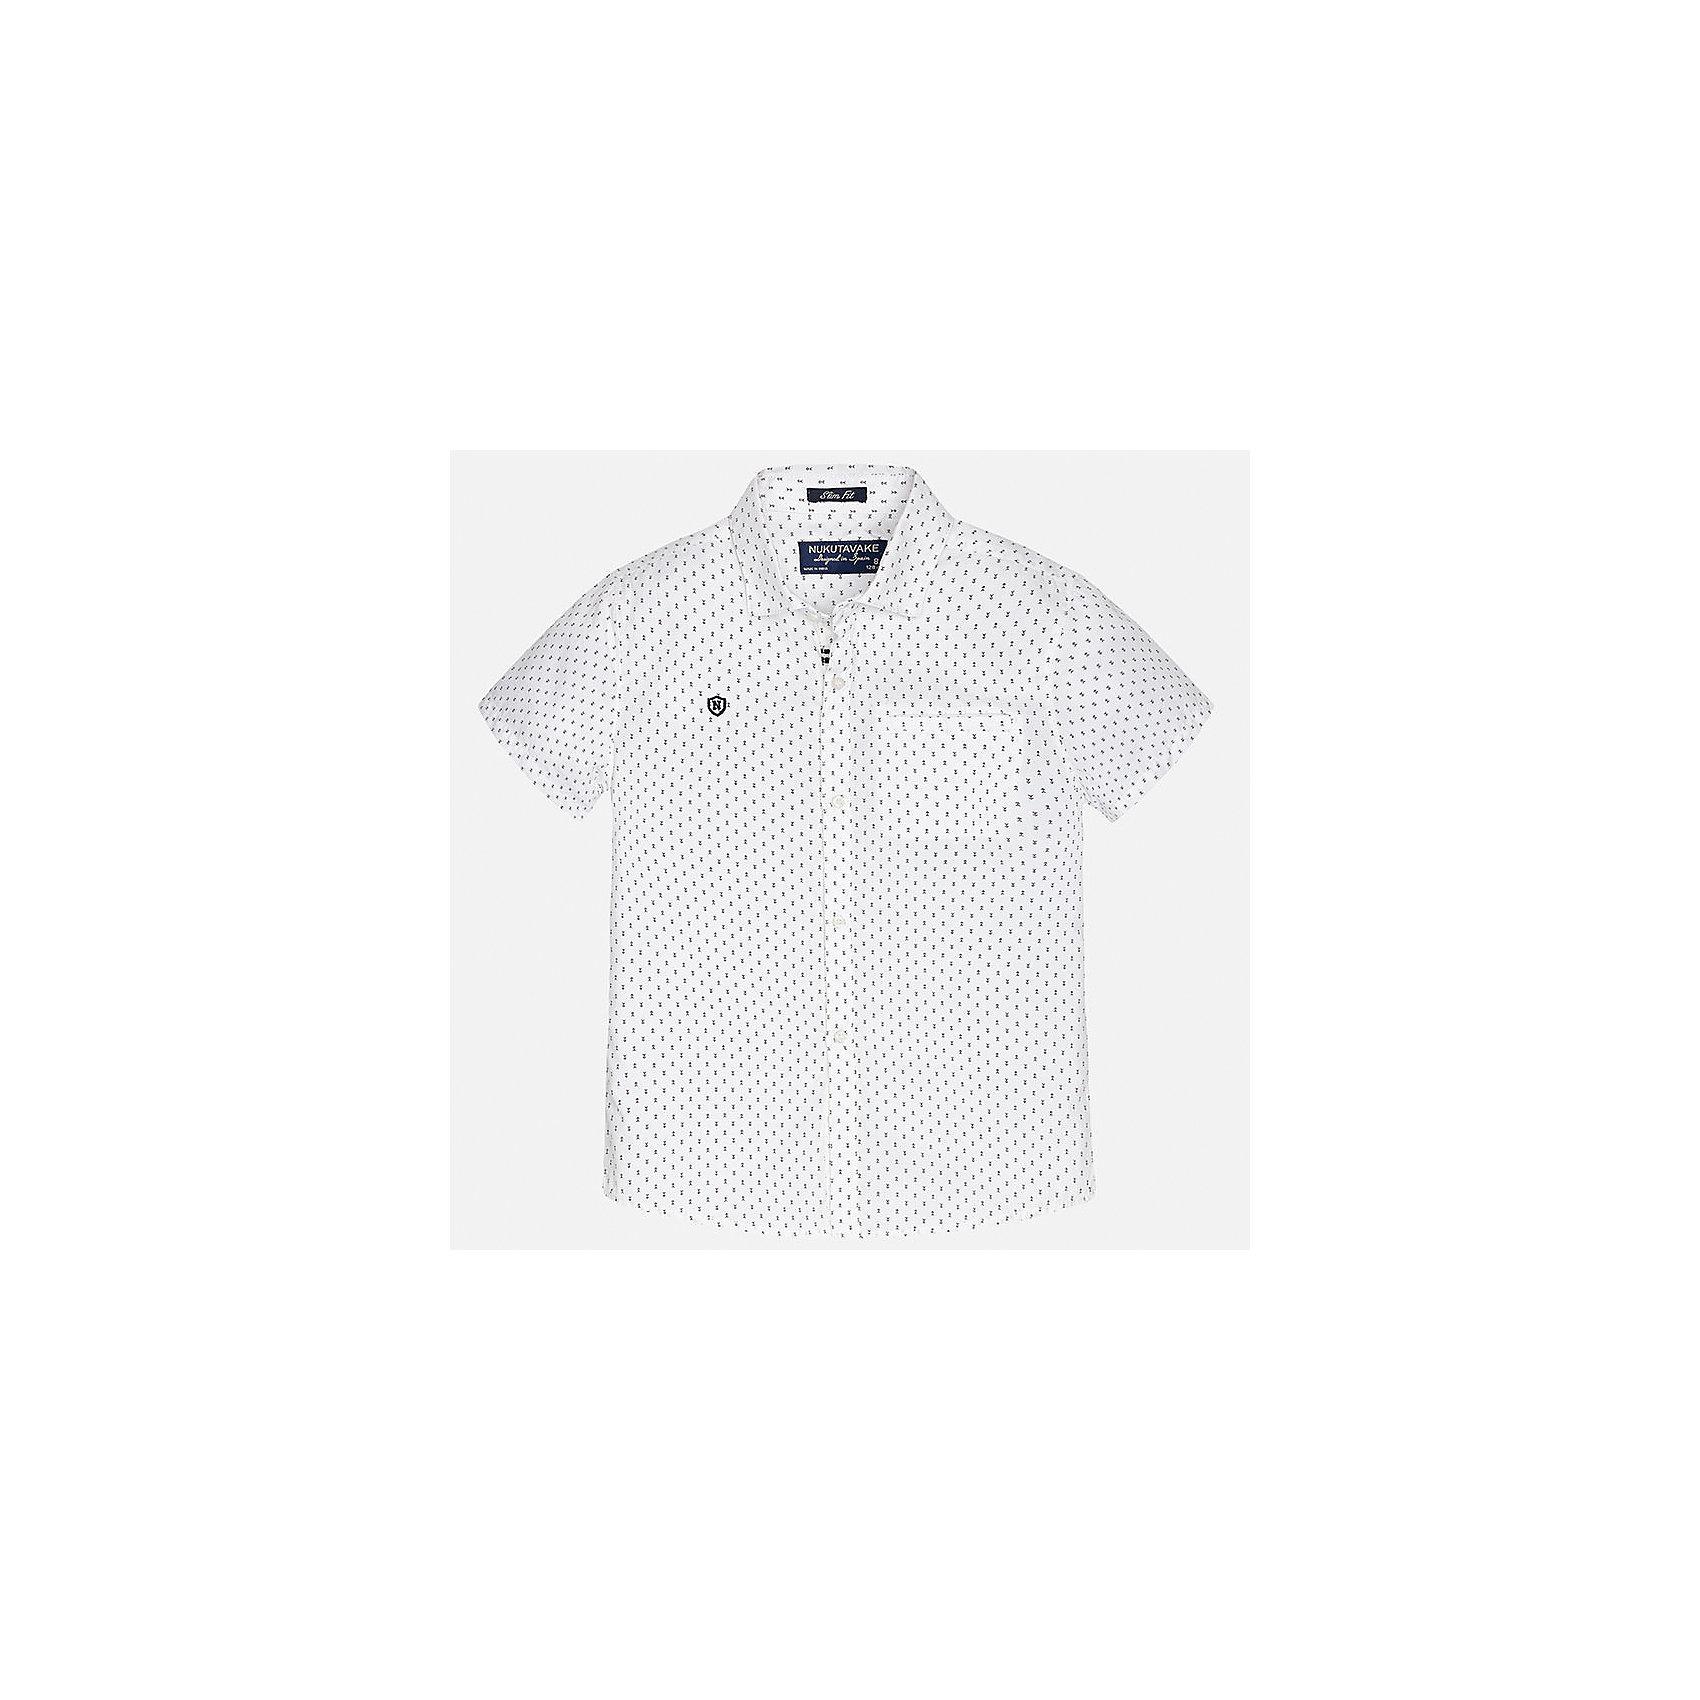 Рубашка для мальчика MayoralХарактеристики товара:<br><br>• цвет: белый<br>• состав: 100% хлопок<br>• отложной воротник<br>• декорирована вышивкой и карманом на груди<br>• короткие рукава<br>• застежки: пуговицы<br>• страна бренда: Испания<br><br>Модная рубашка поможет разнообразить гардероб мальчика. Она отлично сочетается с брюками, шортами, джинсами. Универсальный крой и цвет позволяет подобрать к вещи низ разных расцветок. Практичное и стильное изделие! Хорошо смотрится и комфортно сидит на детях. В составе материала - только натуральный хлопок, гипоаллергенный, приятный на ощупь, дышащий. <br><br>Одежда, обувь и аксессуары от испанского бренда Mayoral полюбились детям и взрослым по всему миру. Модели этой марки - стильные и удобные. Для их производства используются только безопасные, качественные материалы и фурнитура. Порадуйте ребенка модными и красивыми вещами от Mayoral! <br><br>Рубашку для мальчика от испанского бренда Mayoral (Майорал) можно купить в нашем интернет-магазине.<br><br>Ширина мм: 174<br>Глубина мм: 10<br>Высота мм: 169<br>Вес г: 157<br>Цвет: белый<br>Возраст от месяцев: 132<br>Возраст до месяцев: 144<br>Пол: Мужской<br>Возраст: Детский<br>Размер: 158,170,152,164,128/134,140<br>SKU: 5281575